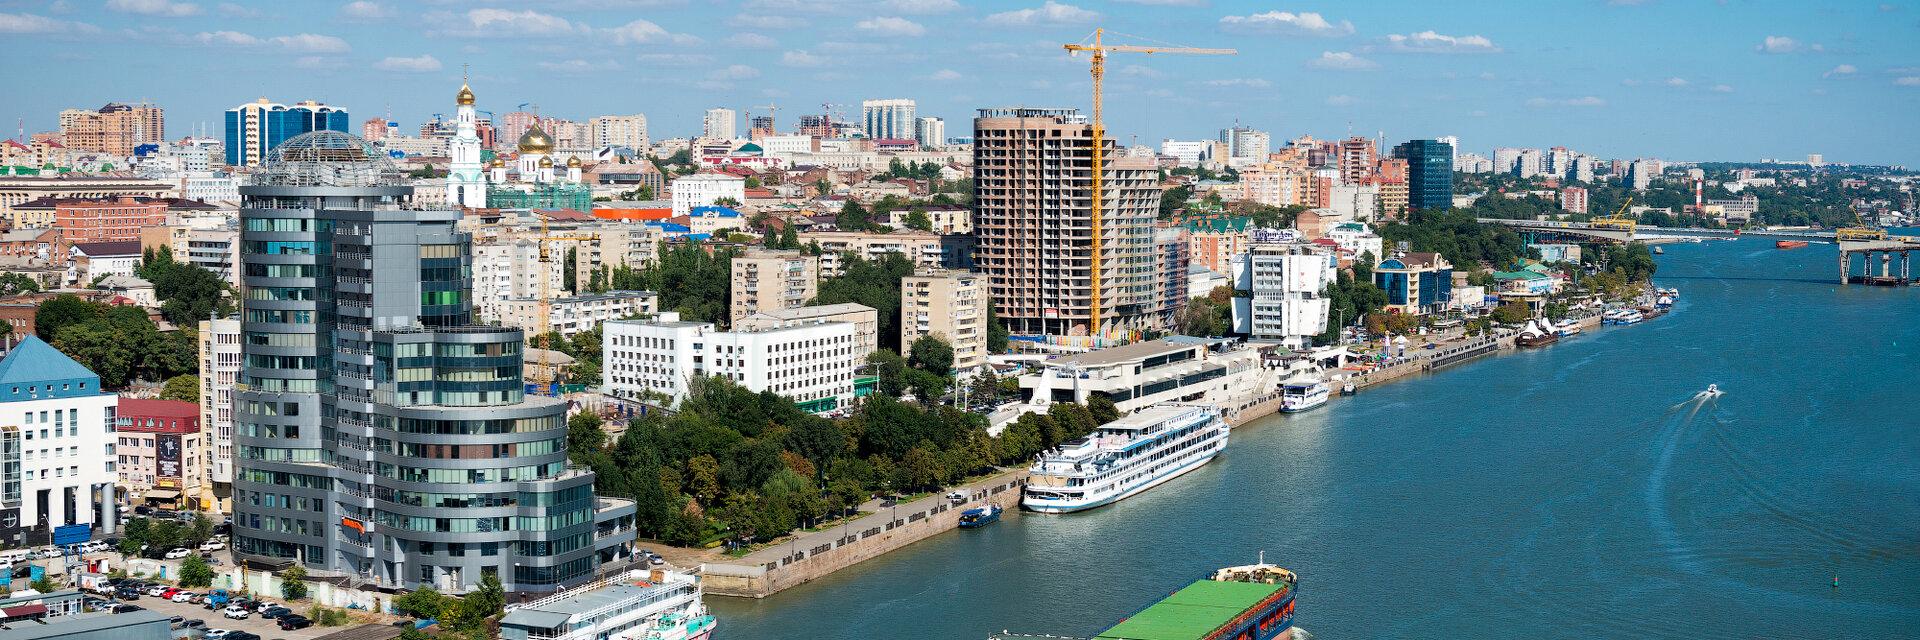 Поиск отелей в Ростове-на-Дону